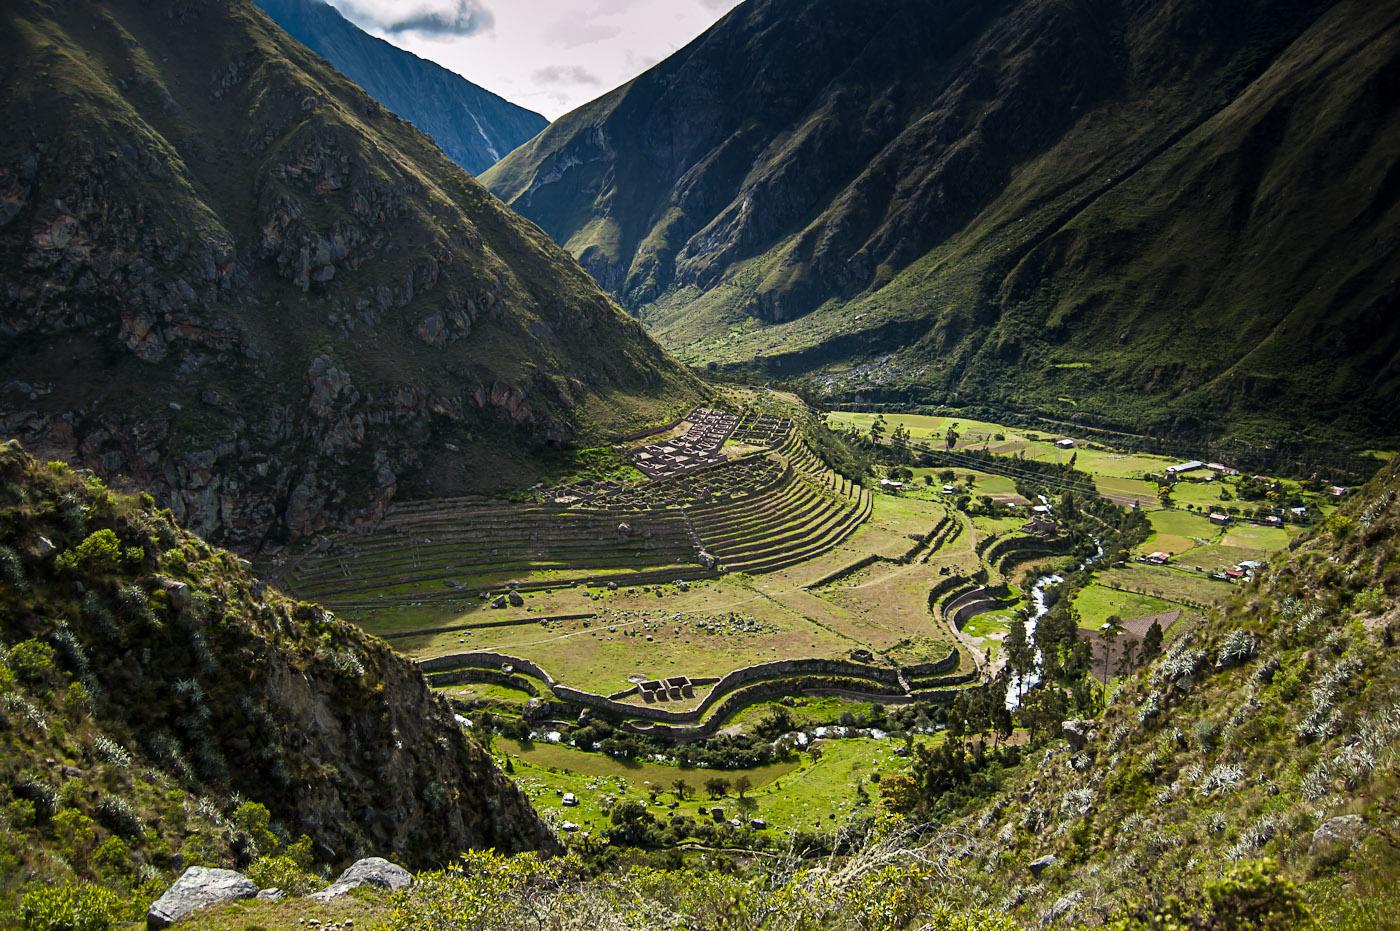 Тропа инков - это 43 километра 600-летней дороги